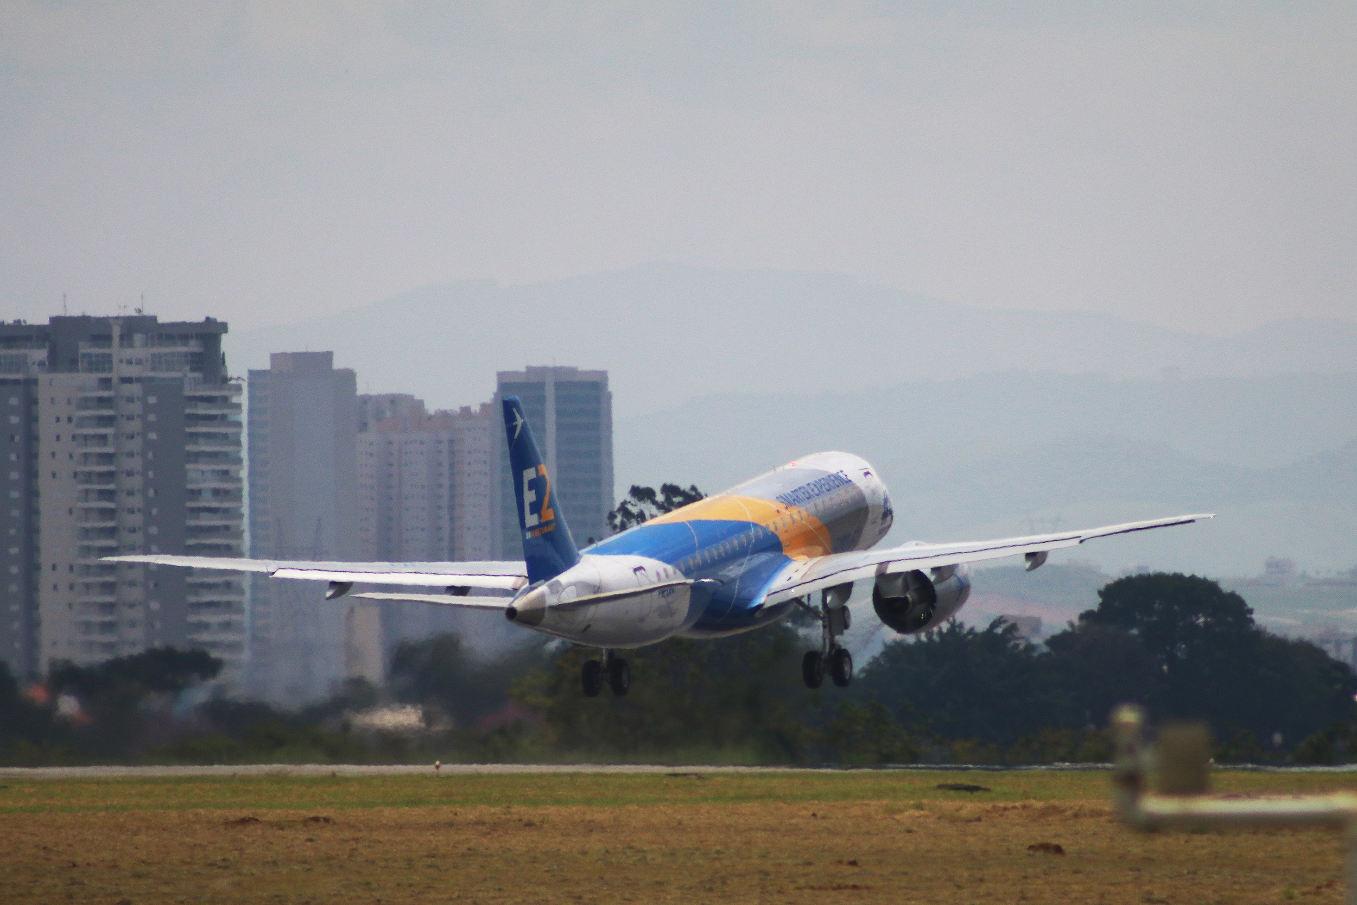 Le quatrième prototype de l'Embraer E190-E2 vole